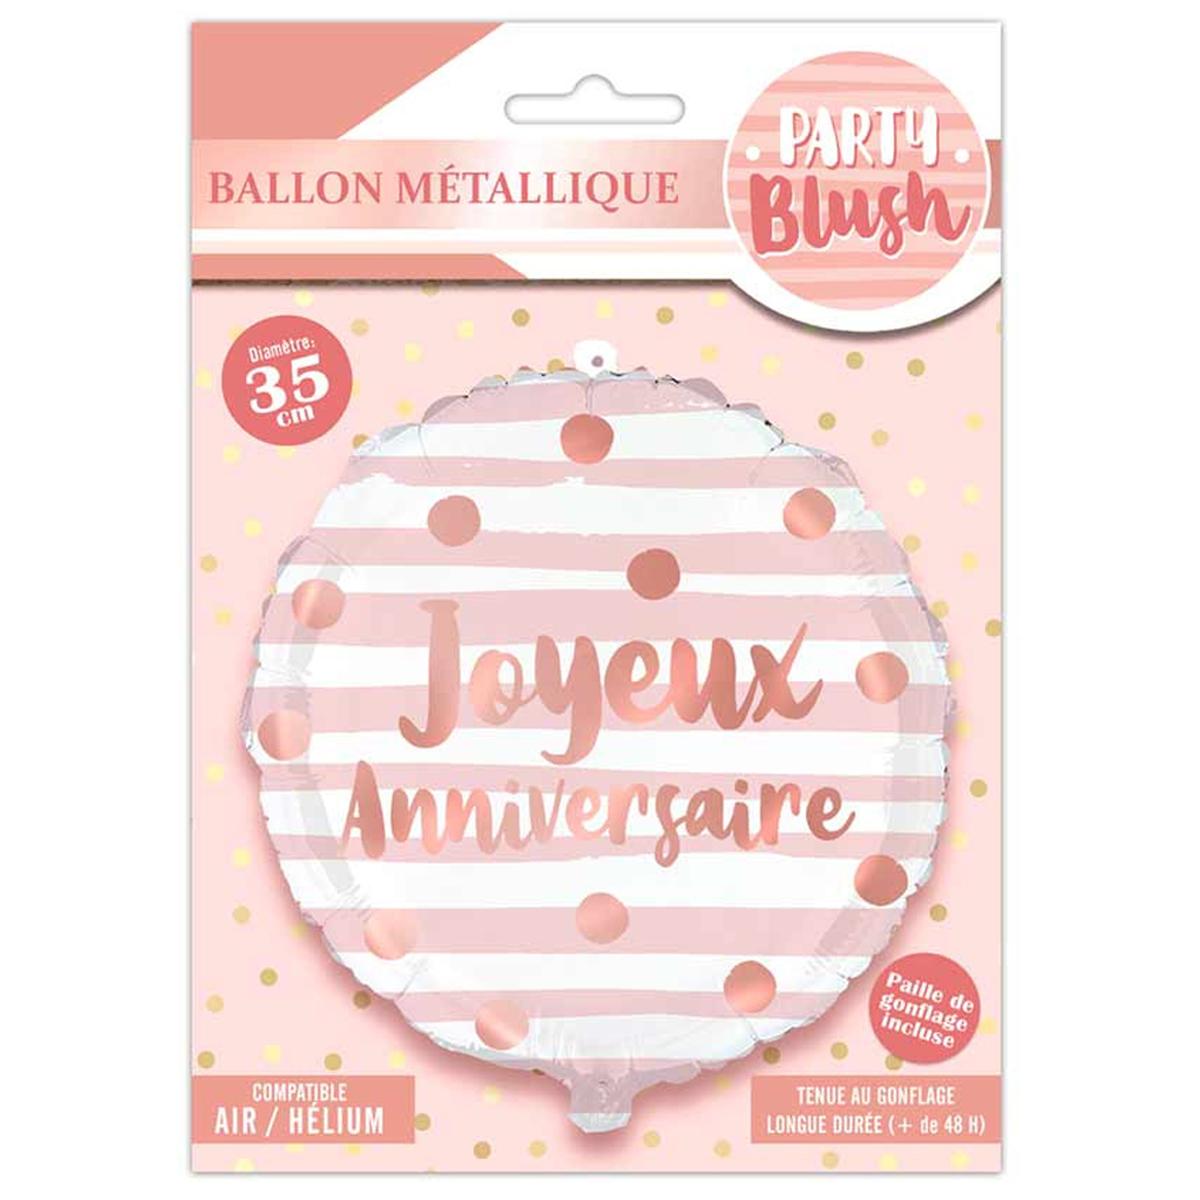 Ballon métallique \'Joyeux Anniversaire\' rose gold (blush) - 35 cm - [Q8268]